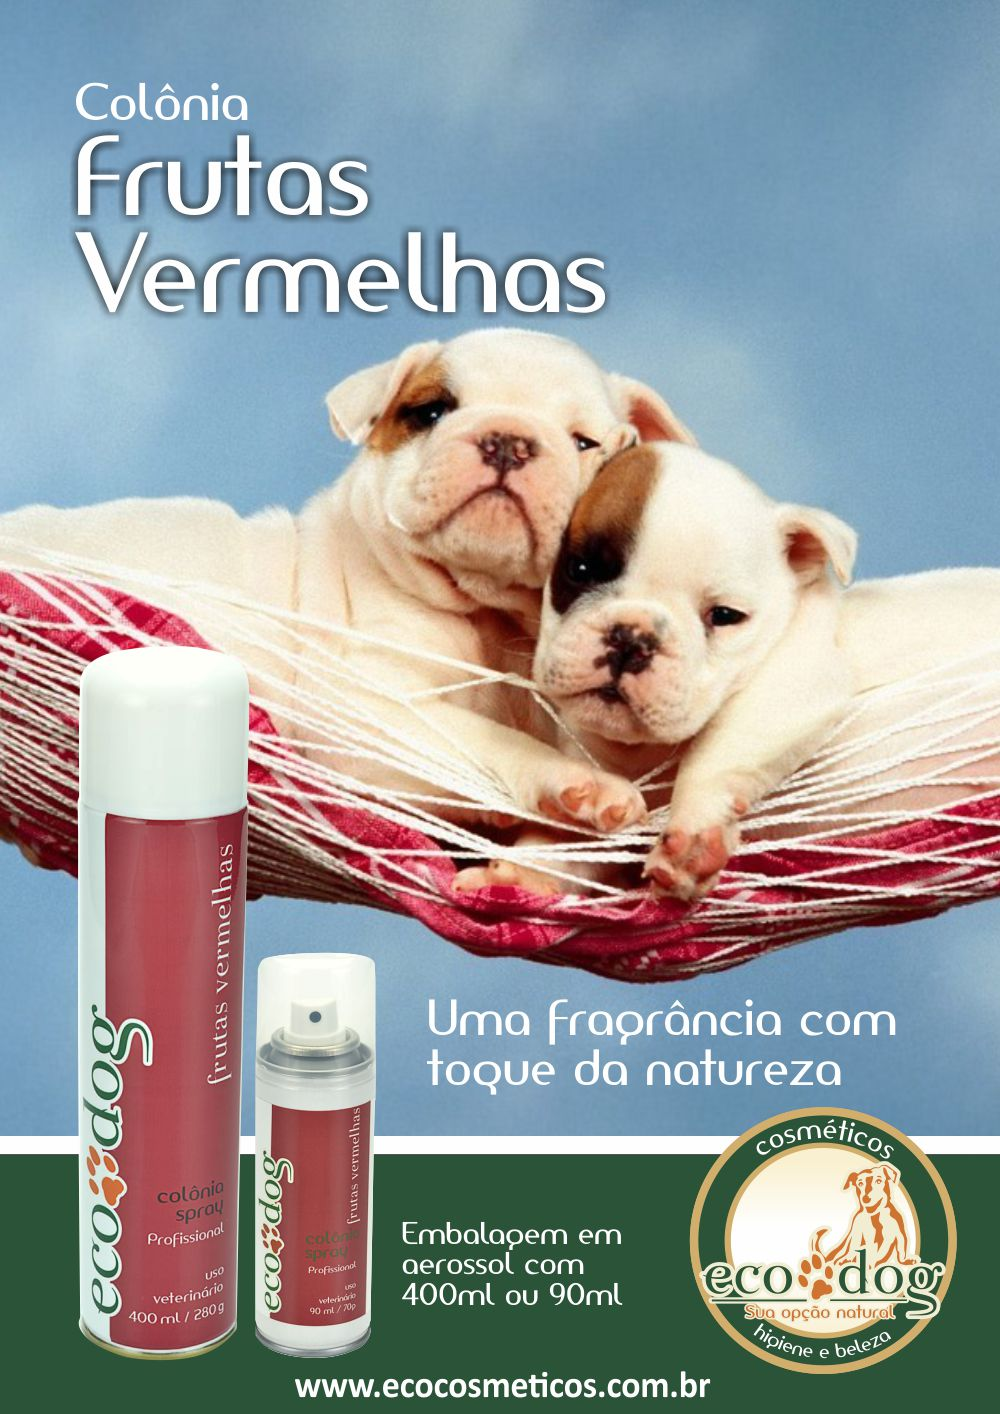 ecodog-poster-frutasvermelhas